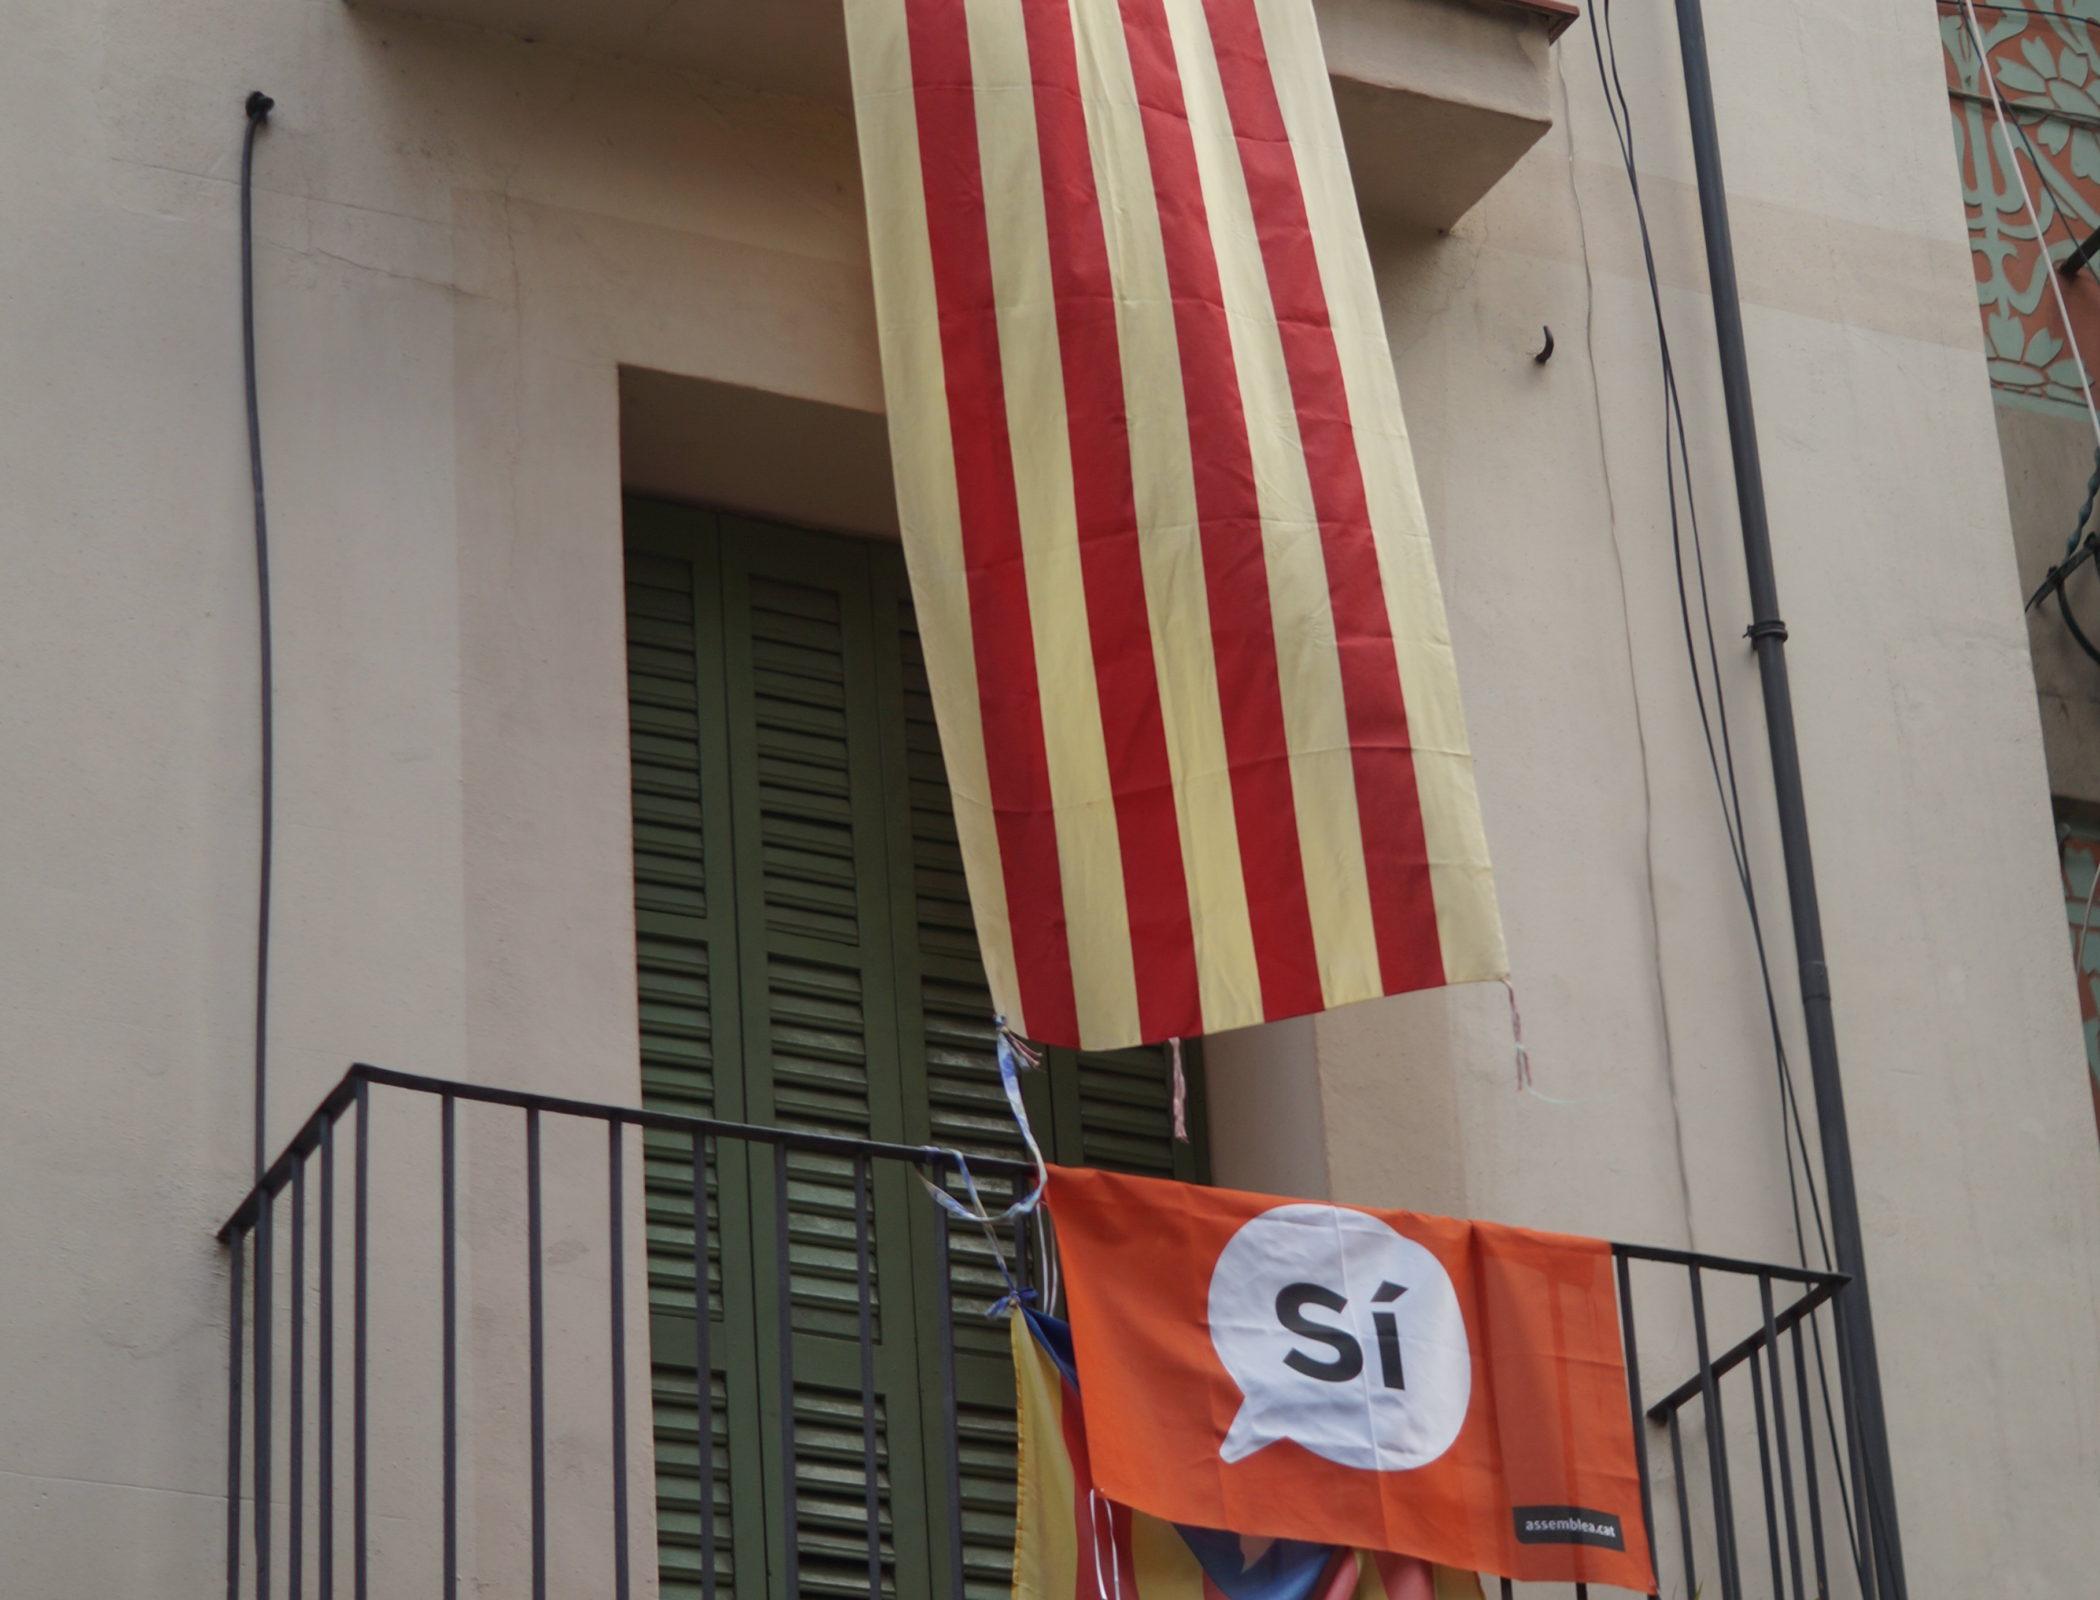 Barcelone, le 21 février. Les habitants affichent aux balcons leur soutien à l'indépendance catalane. © Mohamed‐Amin Kehel